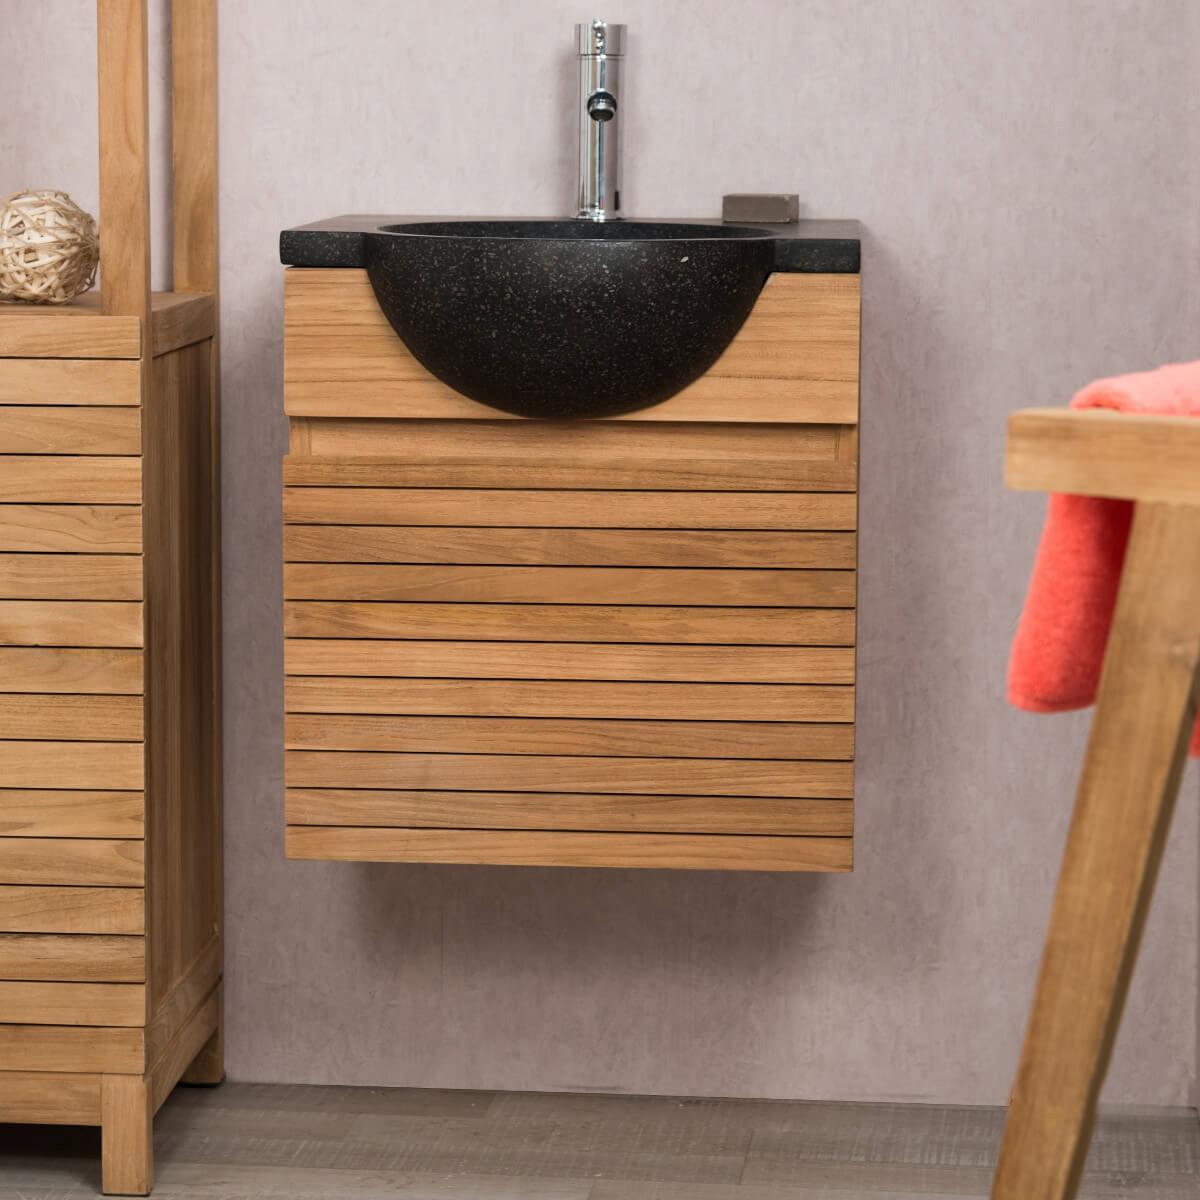 Meuble sous vasque simple vasque en bois teck massif contemporain rect - Vasque noire salle de bain ...